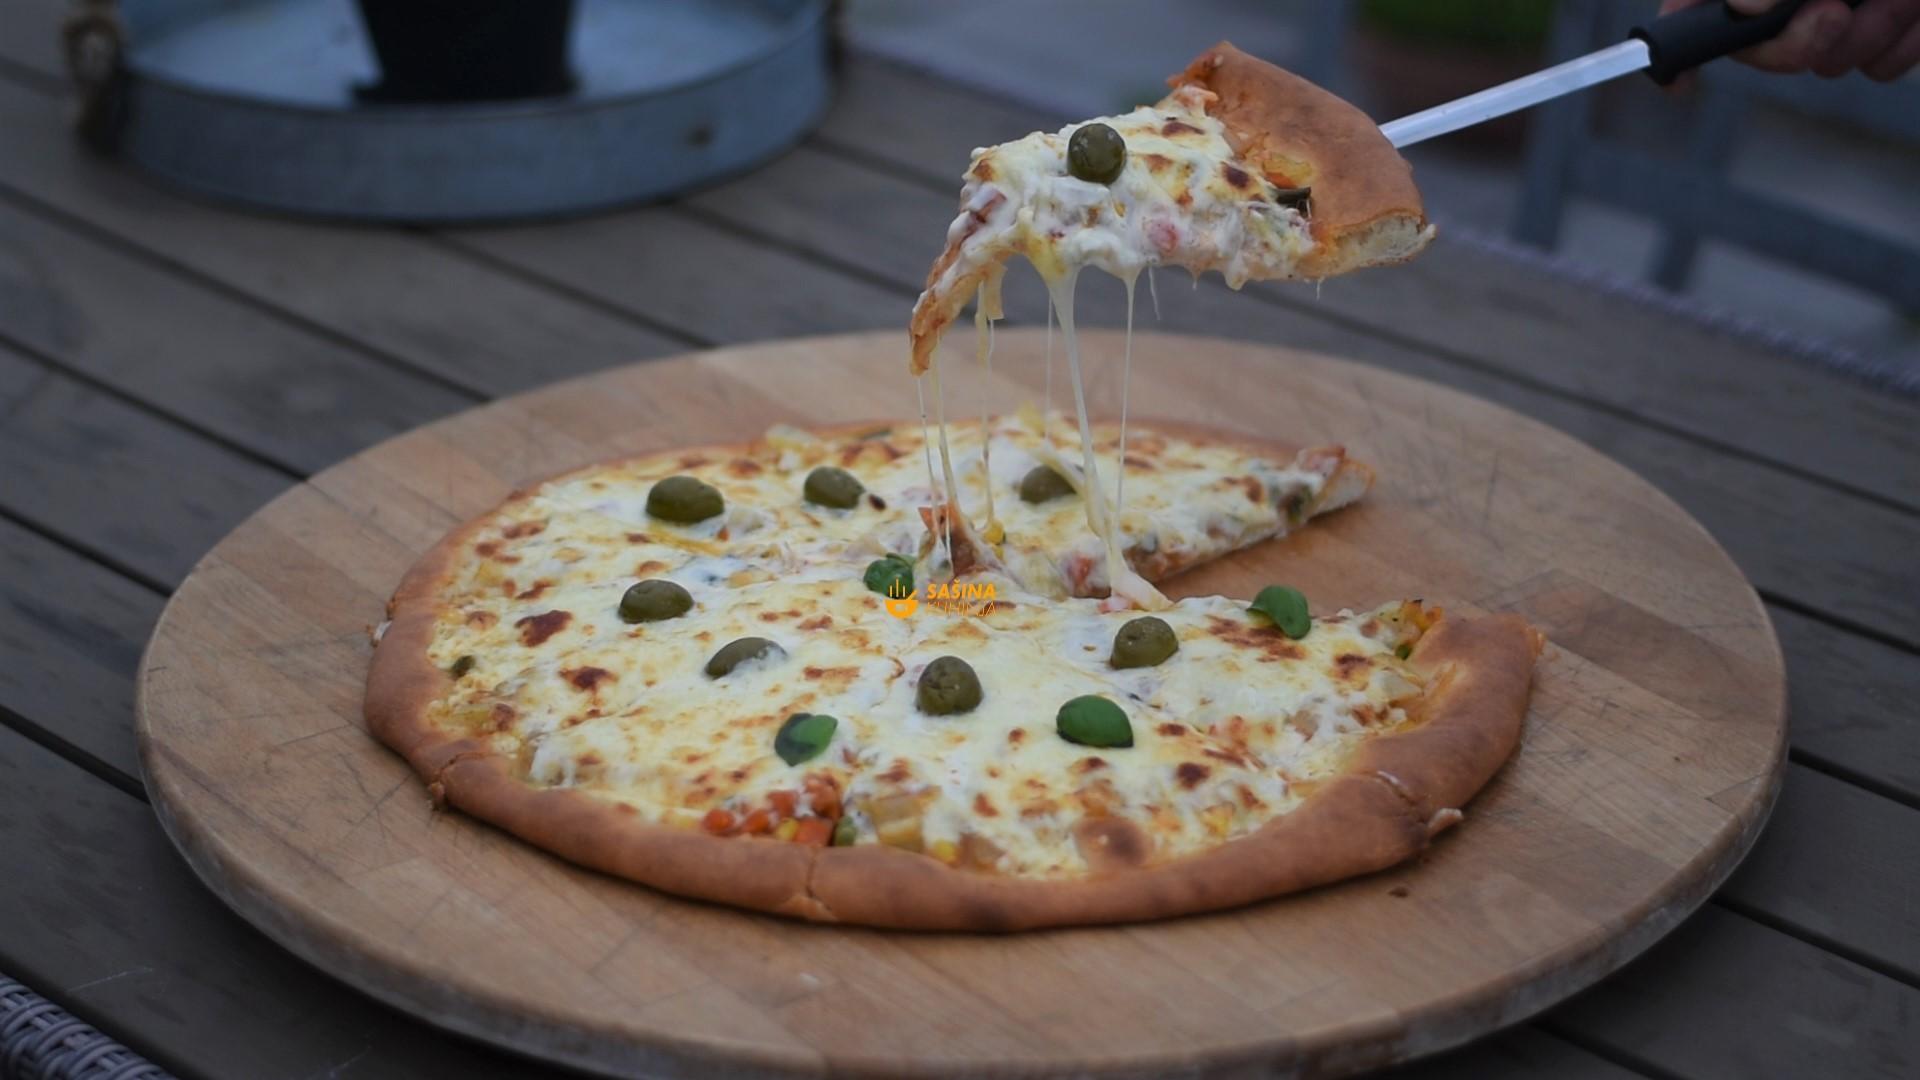 ljetna pizza par minuta posla savršenog okusa vege margarita